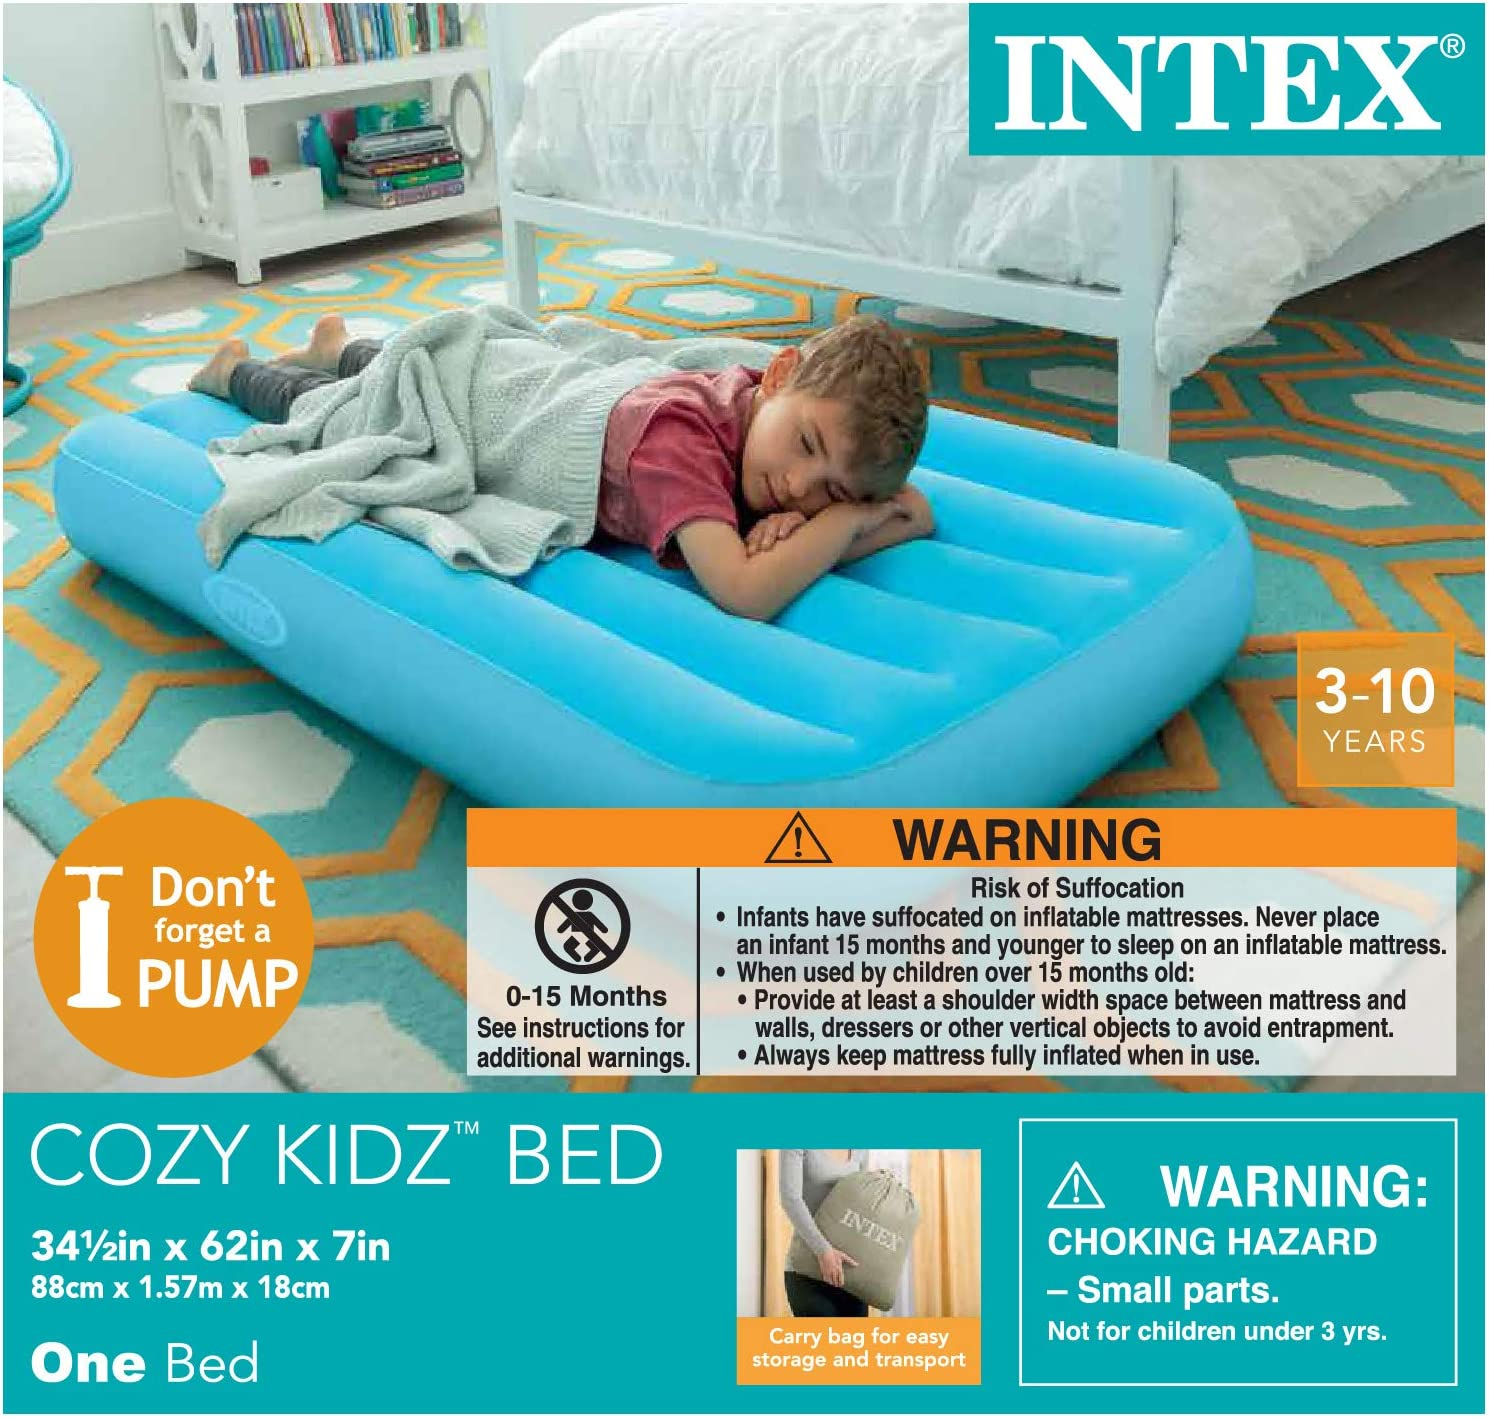 Amazon.com: Intex Cozy Kidz - Colchón hinchable, color puede ...